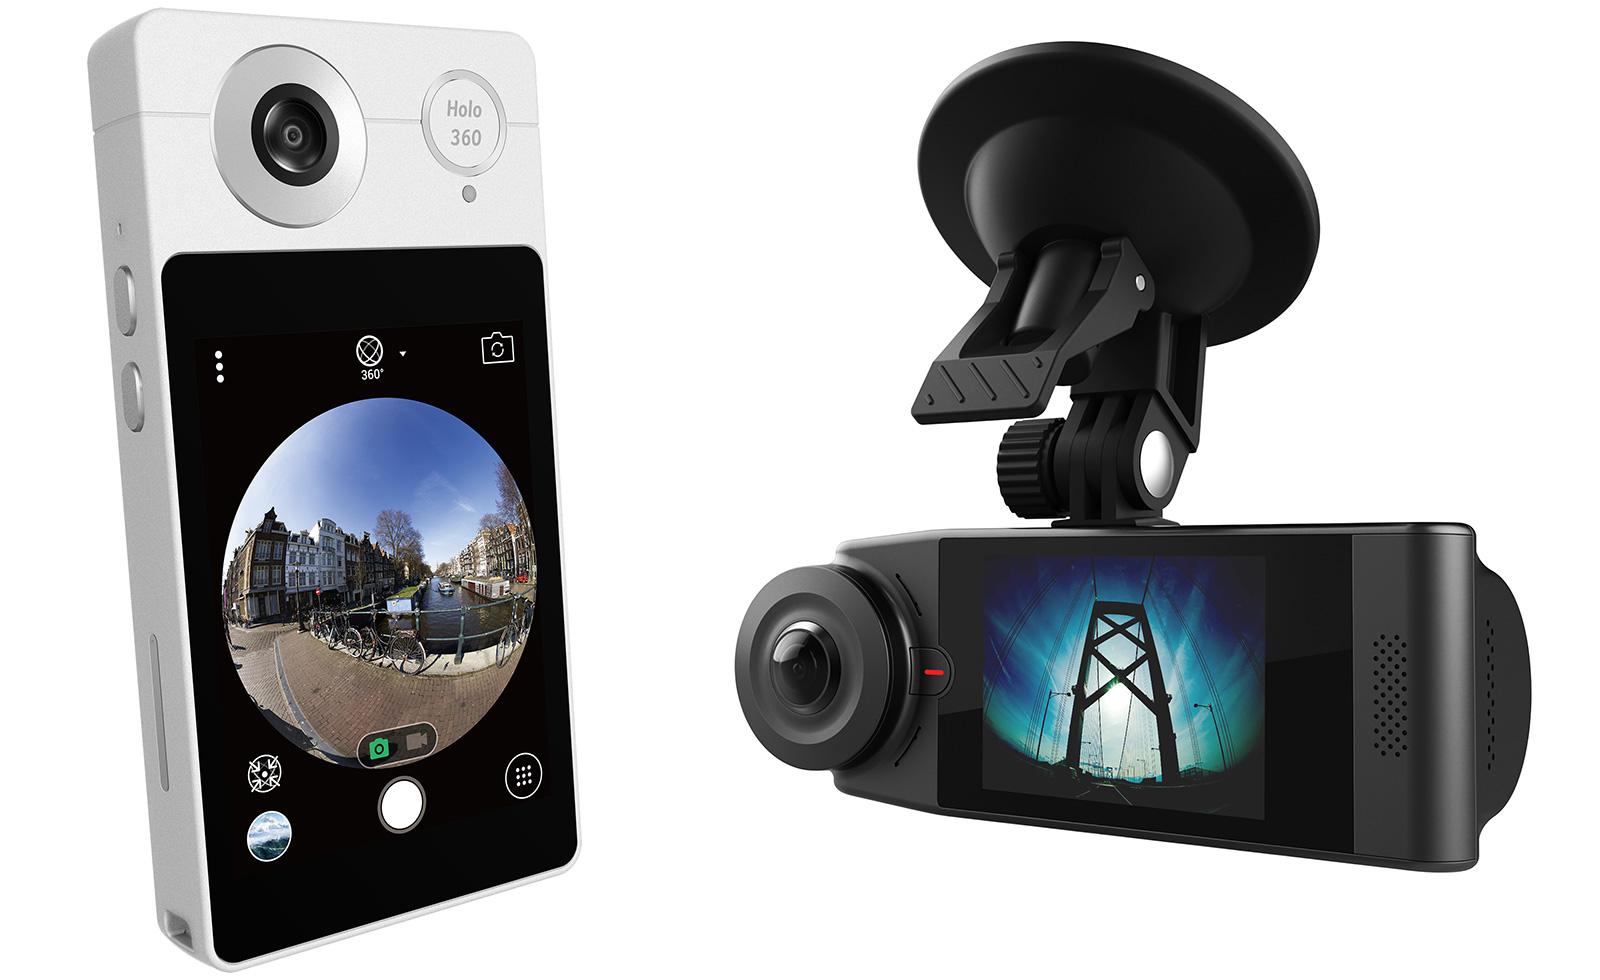 Acer 360 Degree cameras